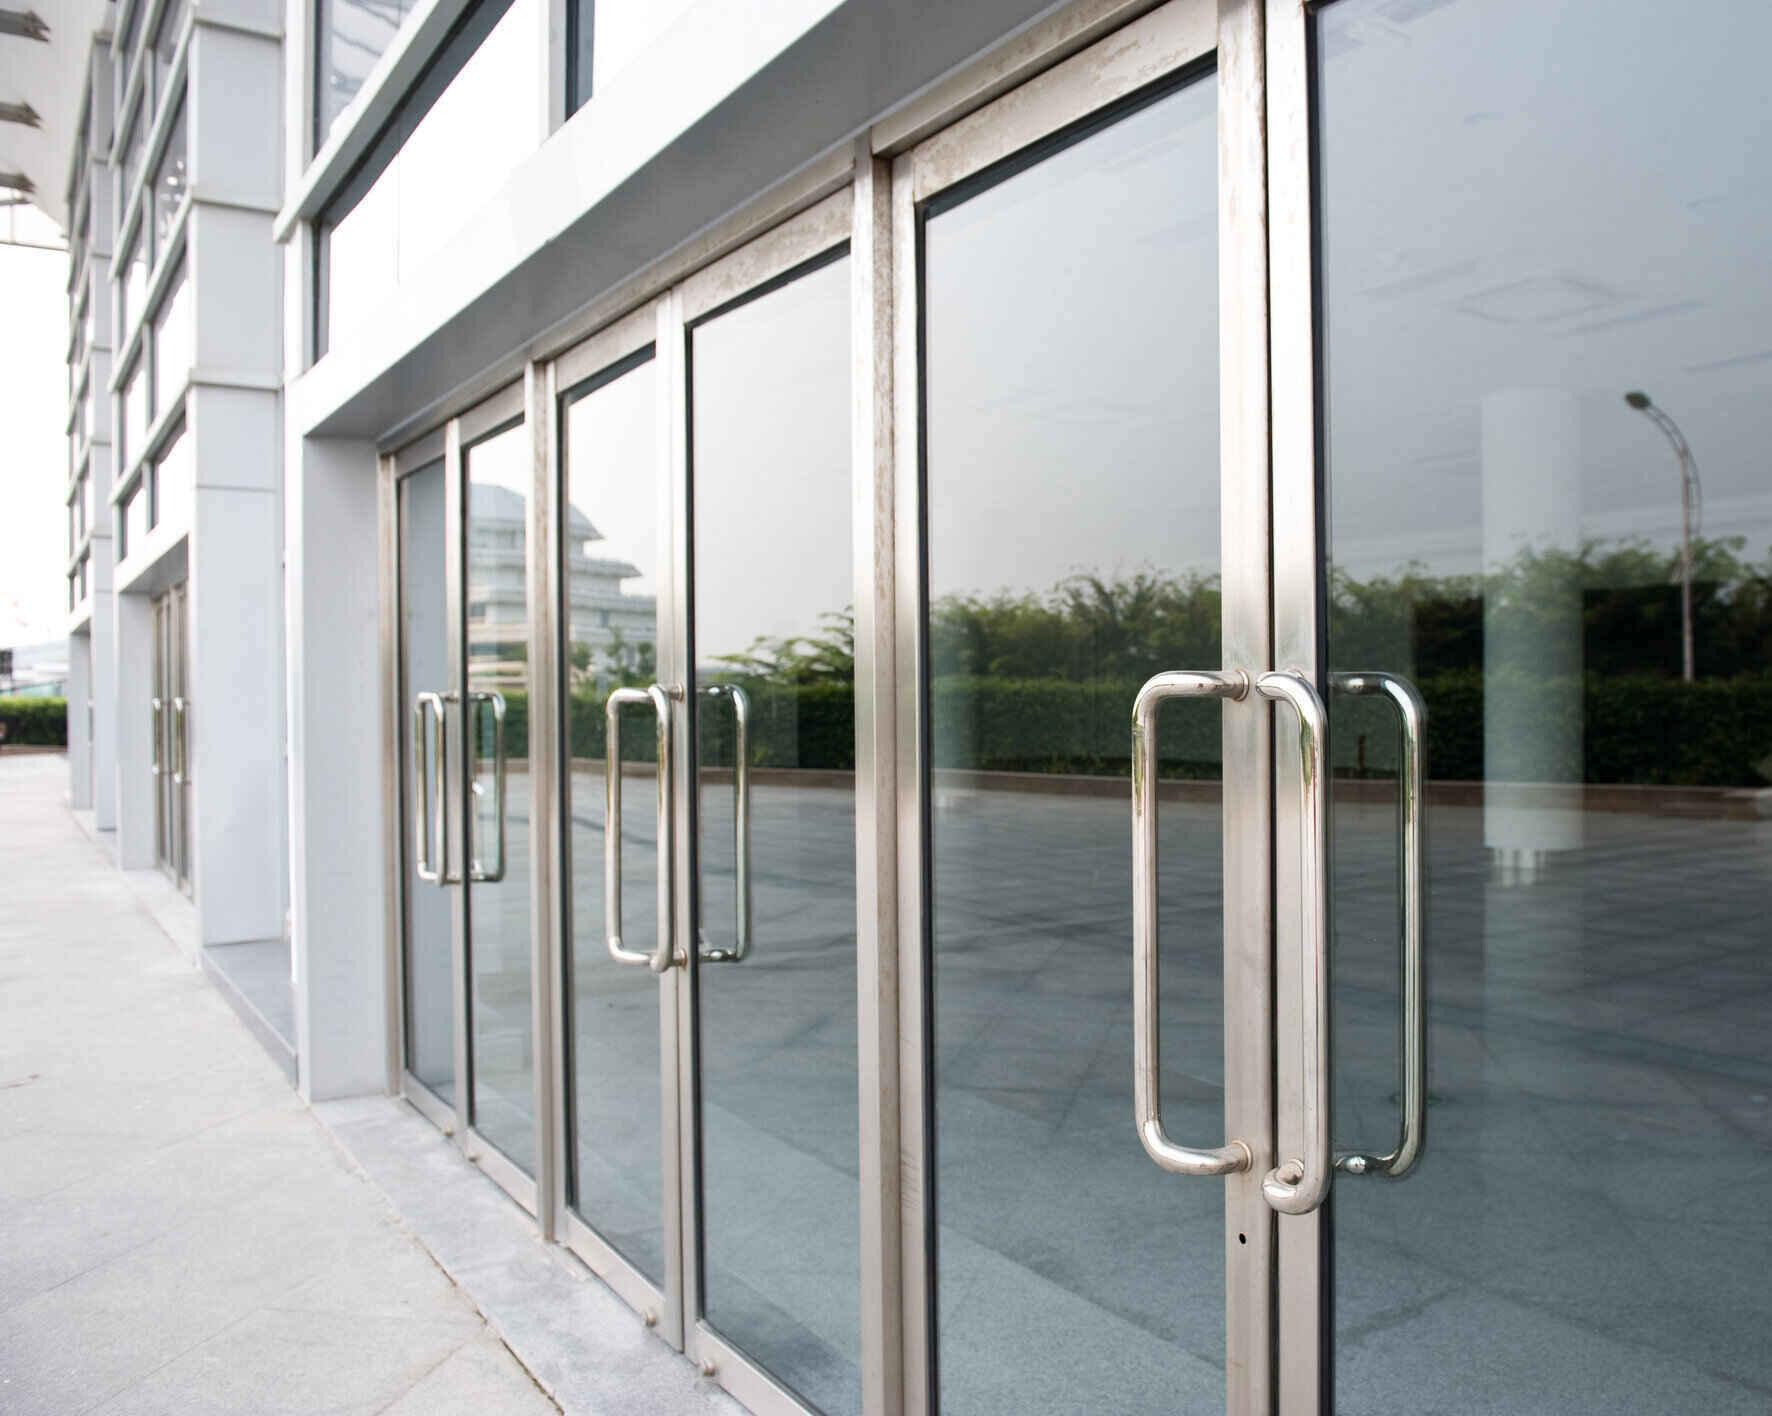 glass door of the office building.